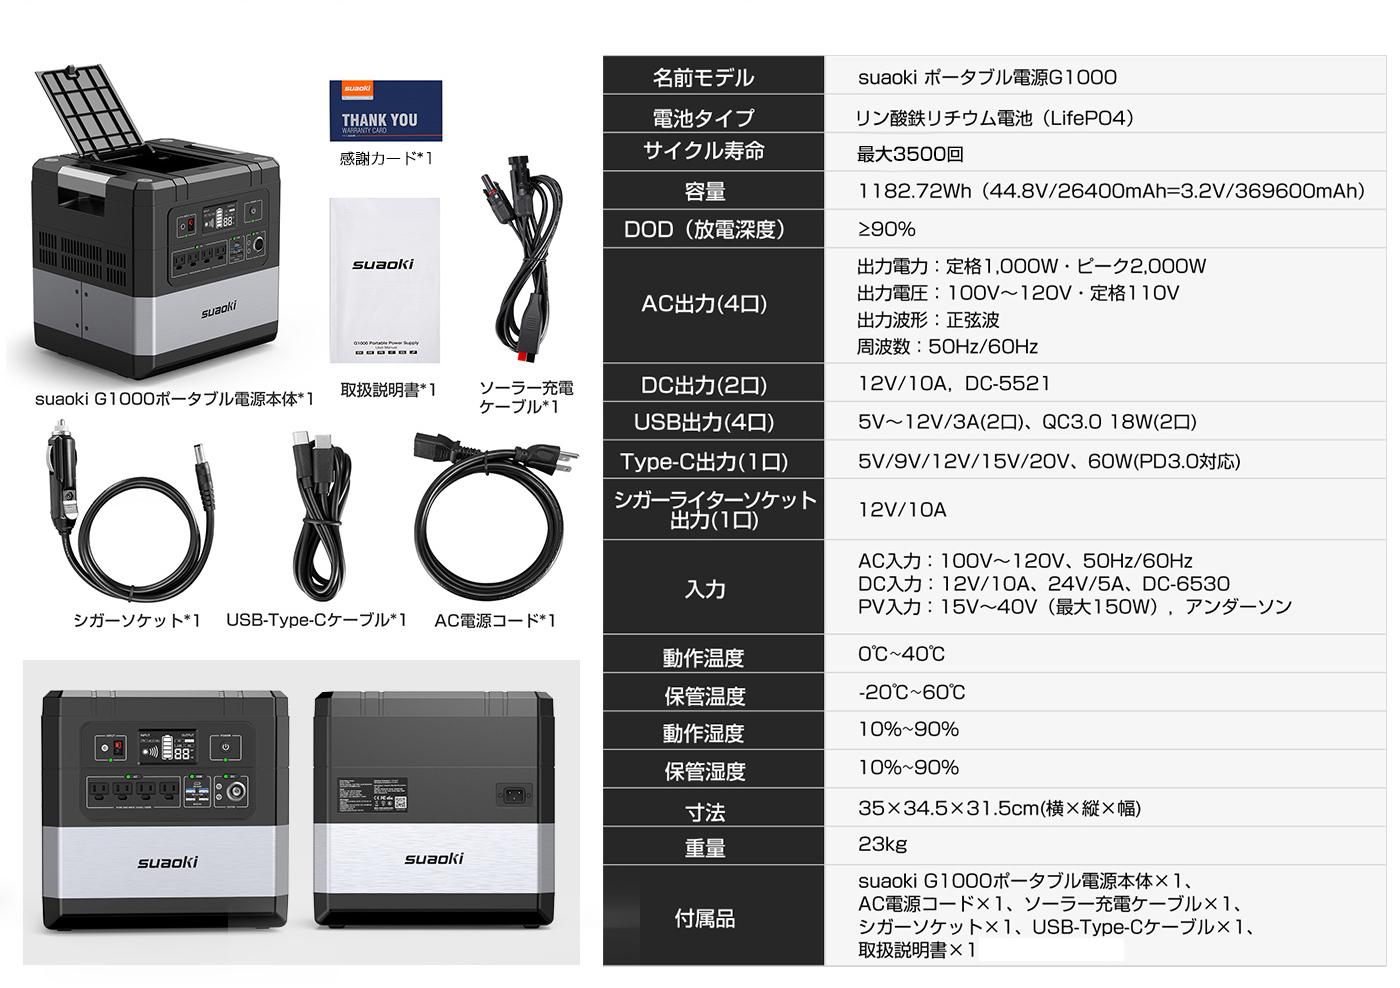 【 PR 】UPS搭載ポータブル電源「suaoki」G1000 をアウトドアで使ってみた_b0008655_11581883.jpg